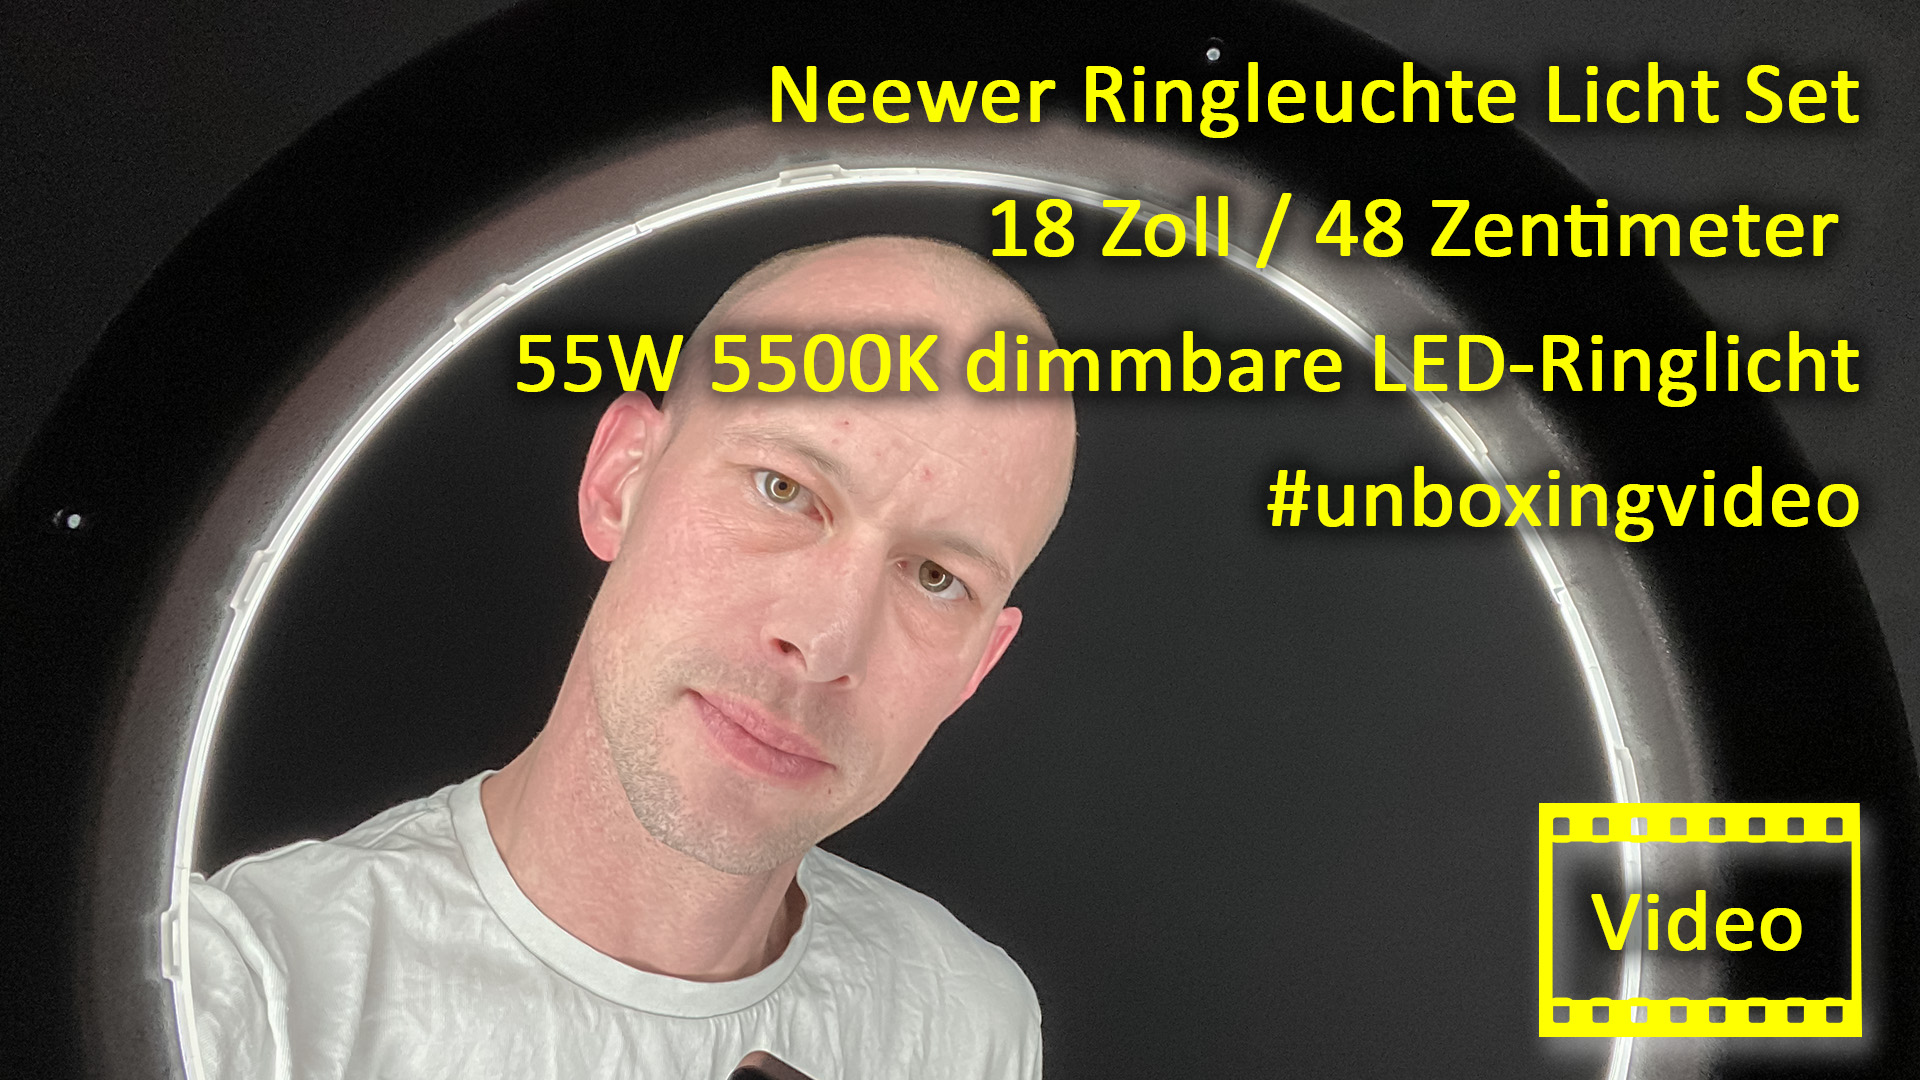 Neewer Ringleuchte Licht Set: 18 Zoll / 48 Zentimeter Außen 55W 5500K dimmbare LED-Ringlicht Lampenstativ Bluetooth-Empfänger für YouTube TikTok Self-Porträt der Videoaufnahme #unboxing #unboxingvideo